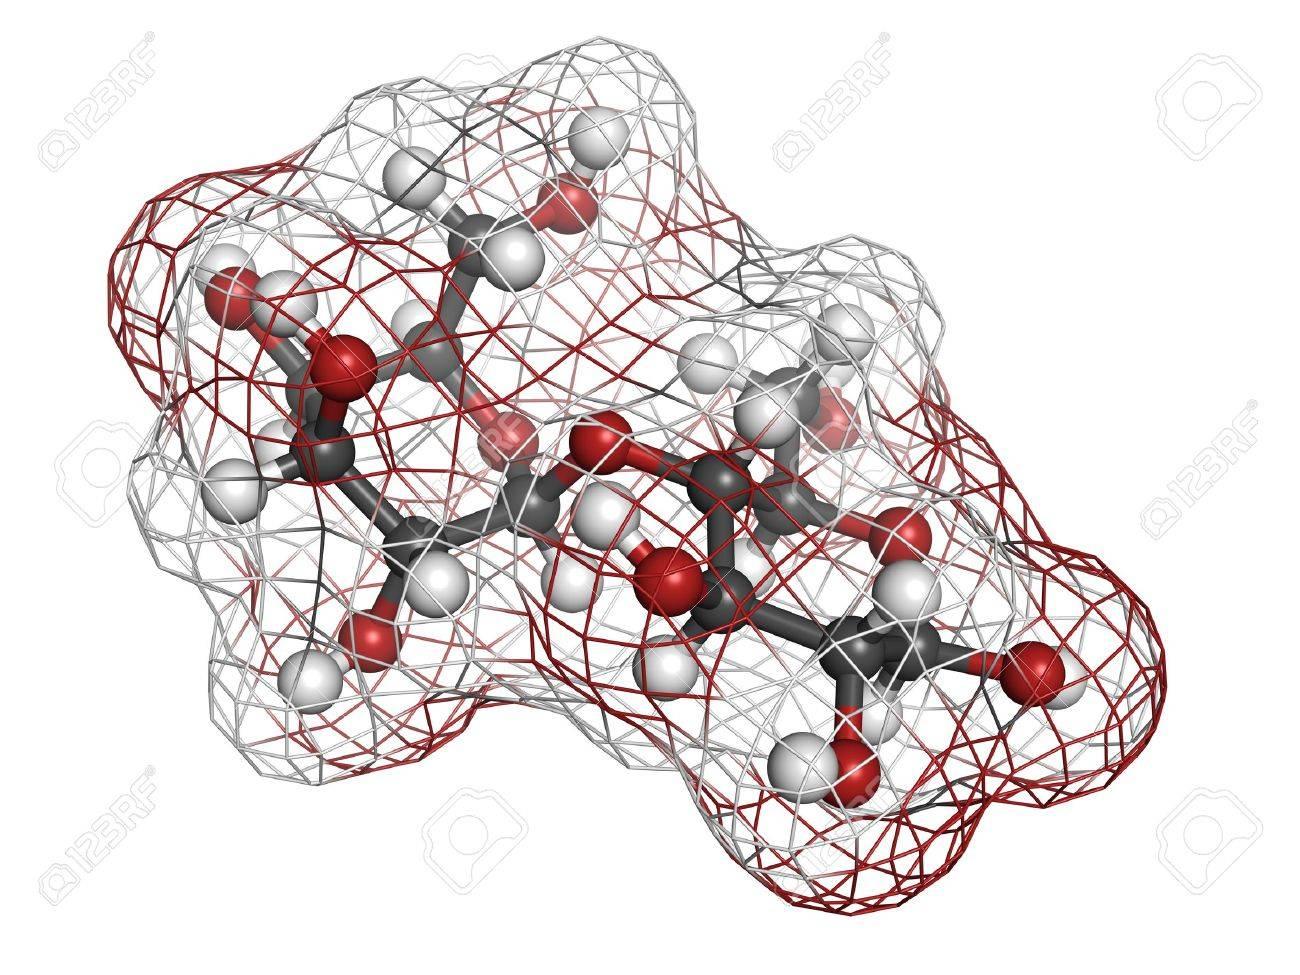 La Lactosa Leche Azúcar Molécula Estructura Química La Lactosa Es El Azúcar Disacárido De La Leche Los átomos Se Representan Como Esferas Con